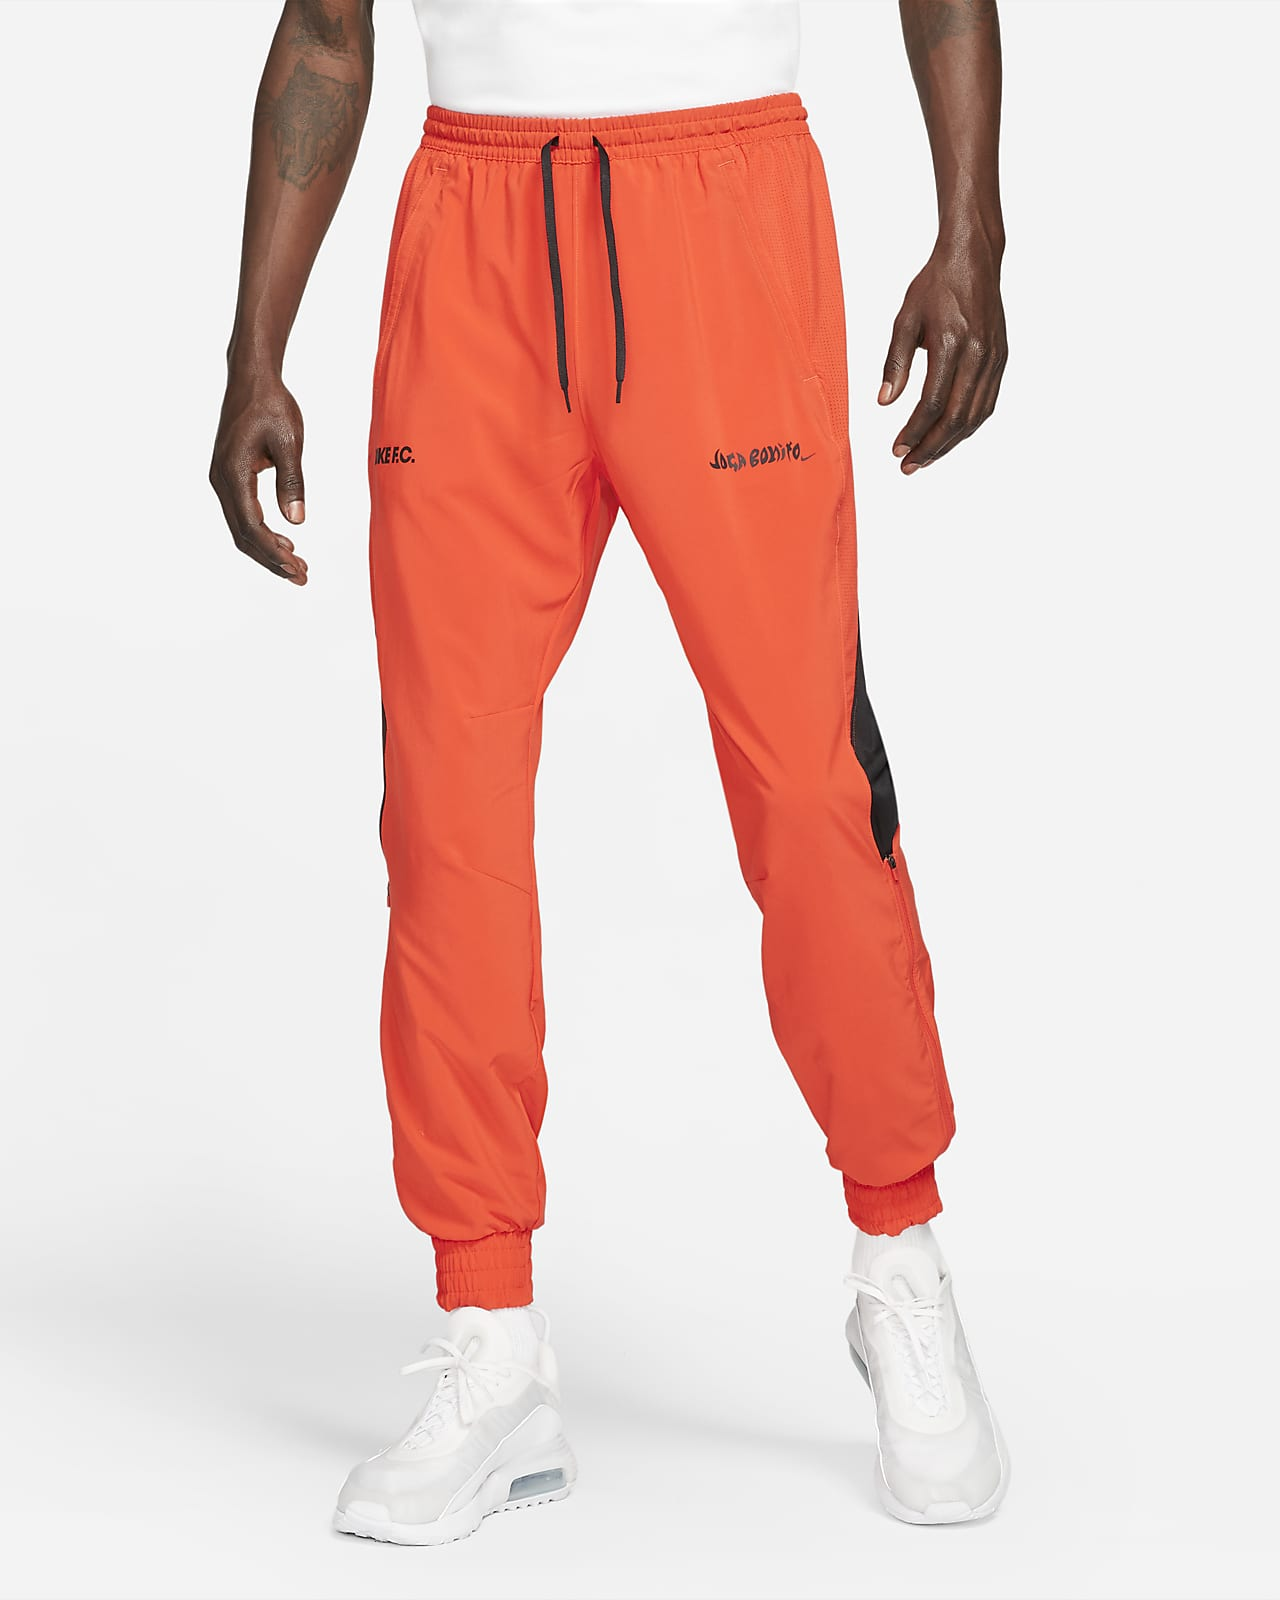 Ανδρικό υφαντό ποδοσφαιρικό παντελόνι φόρμας Nike F.C.